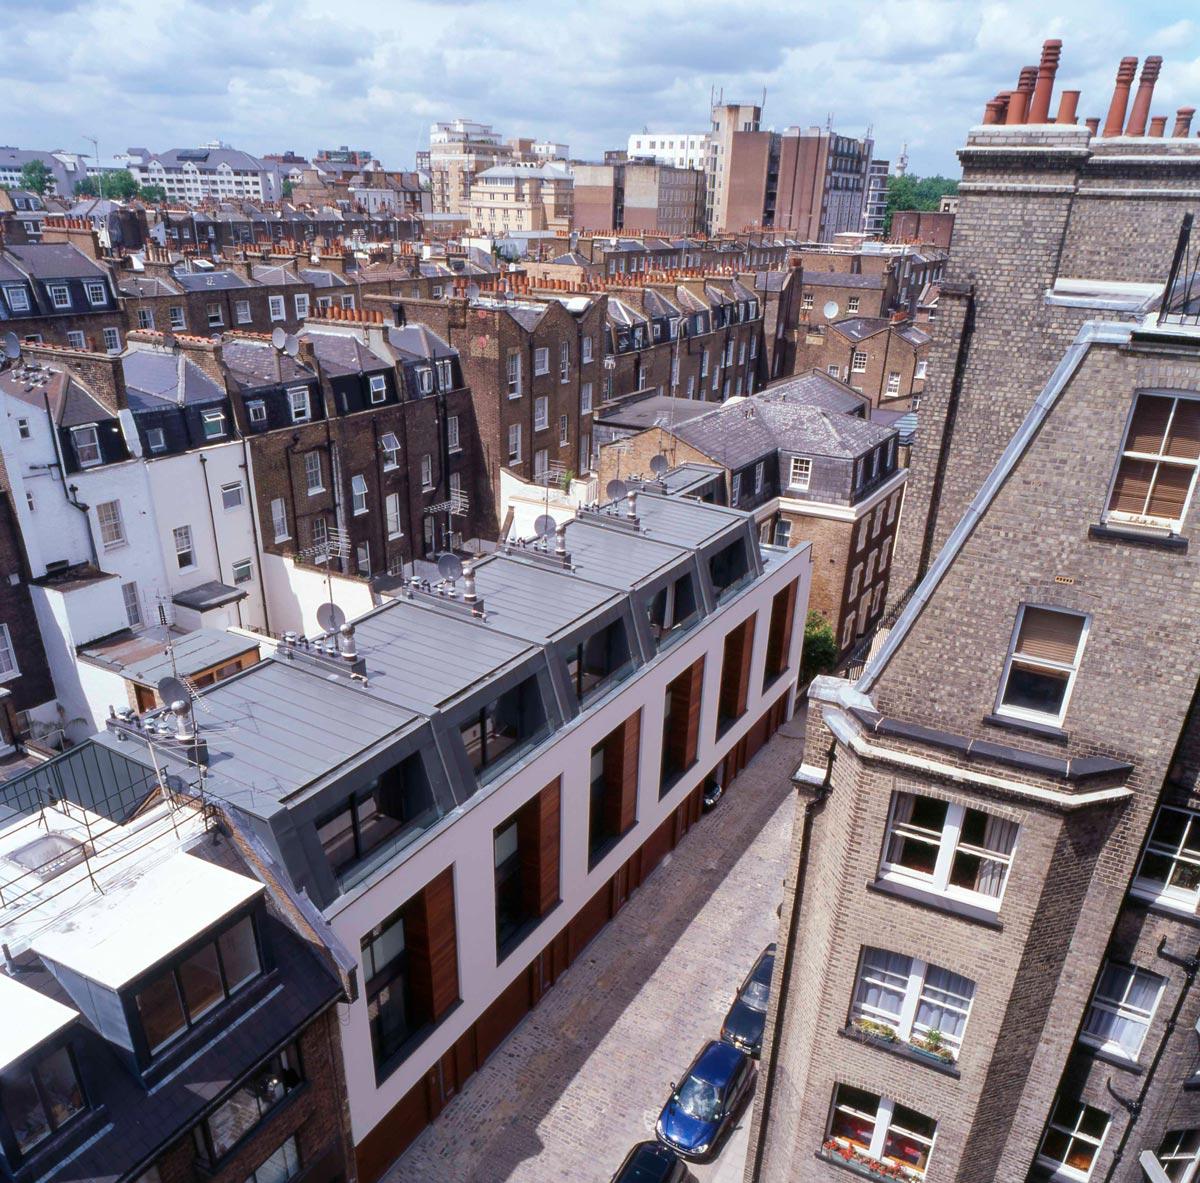 40-41 Chagford Street Aerial